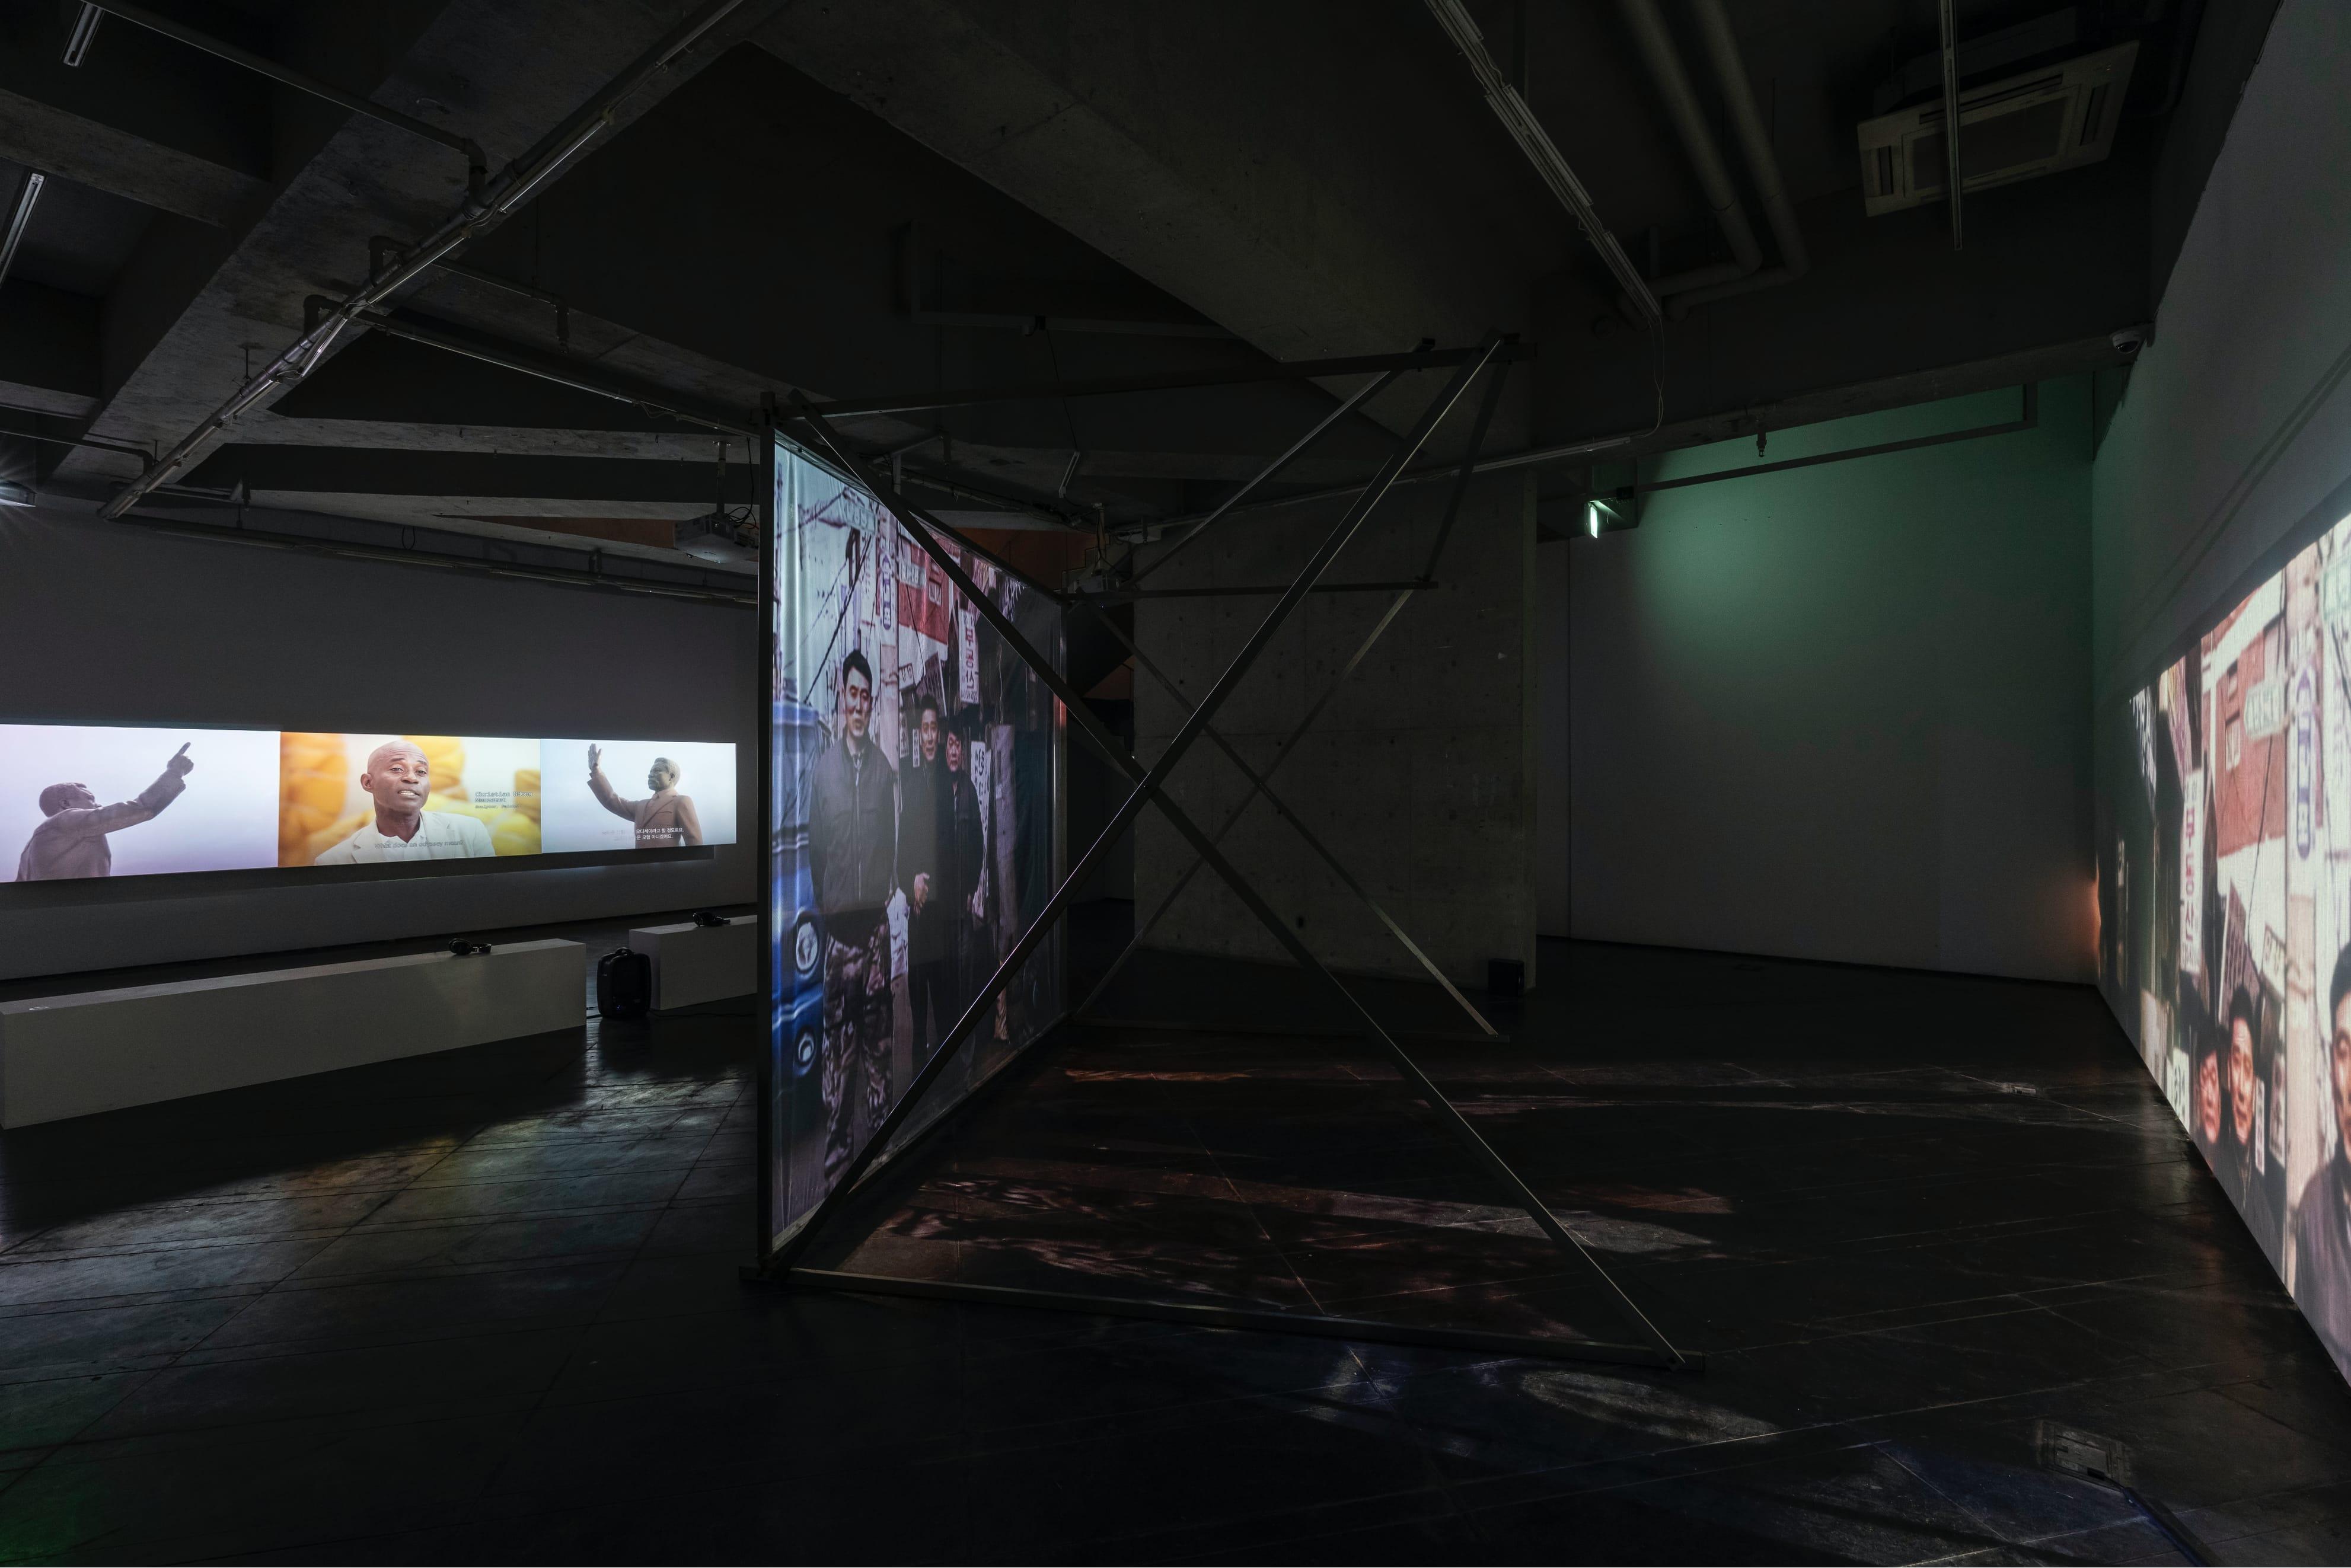 Zeitgeist: Video Generation